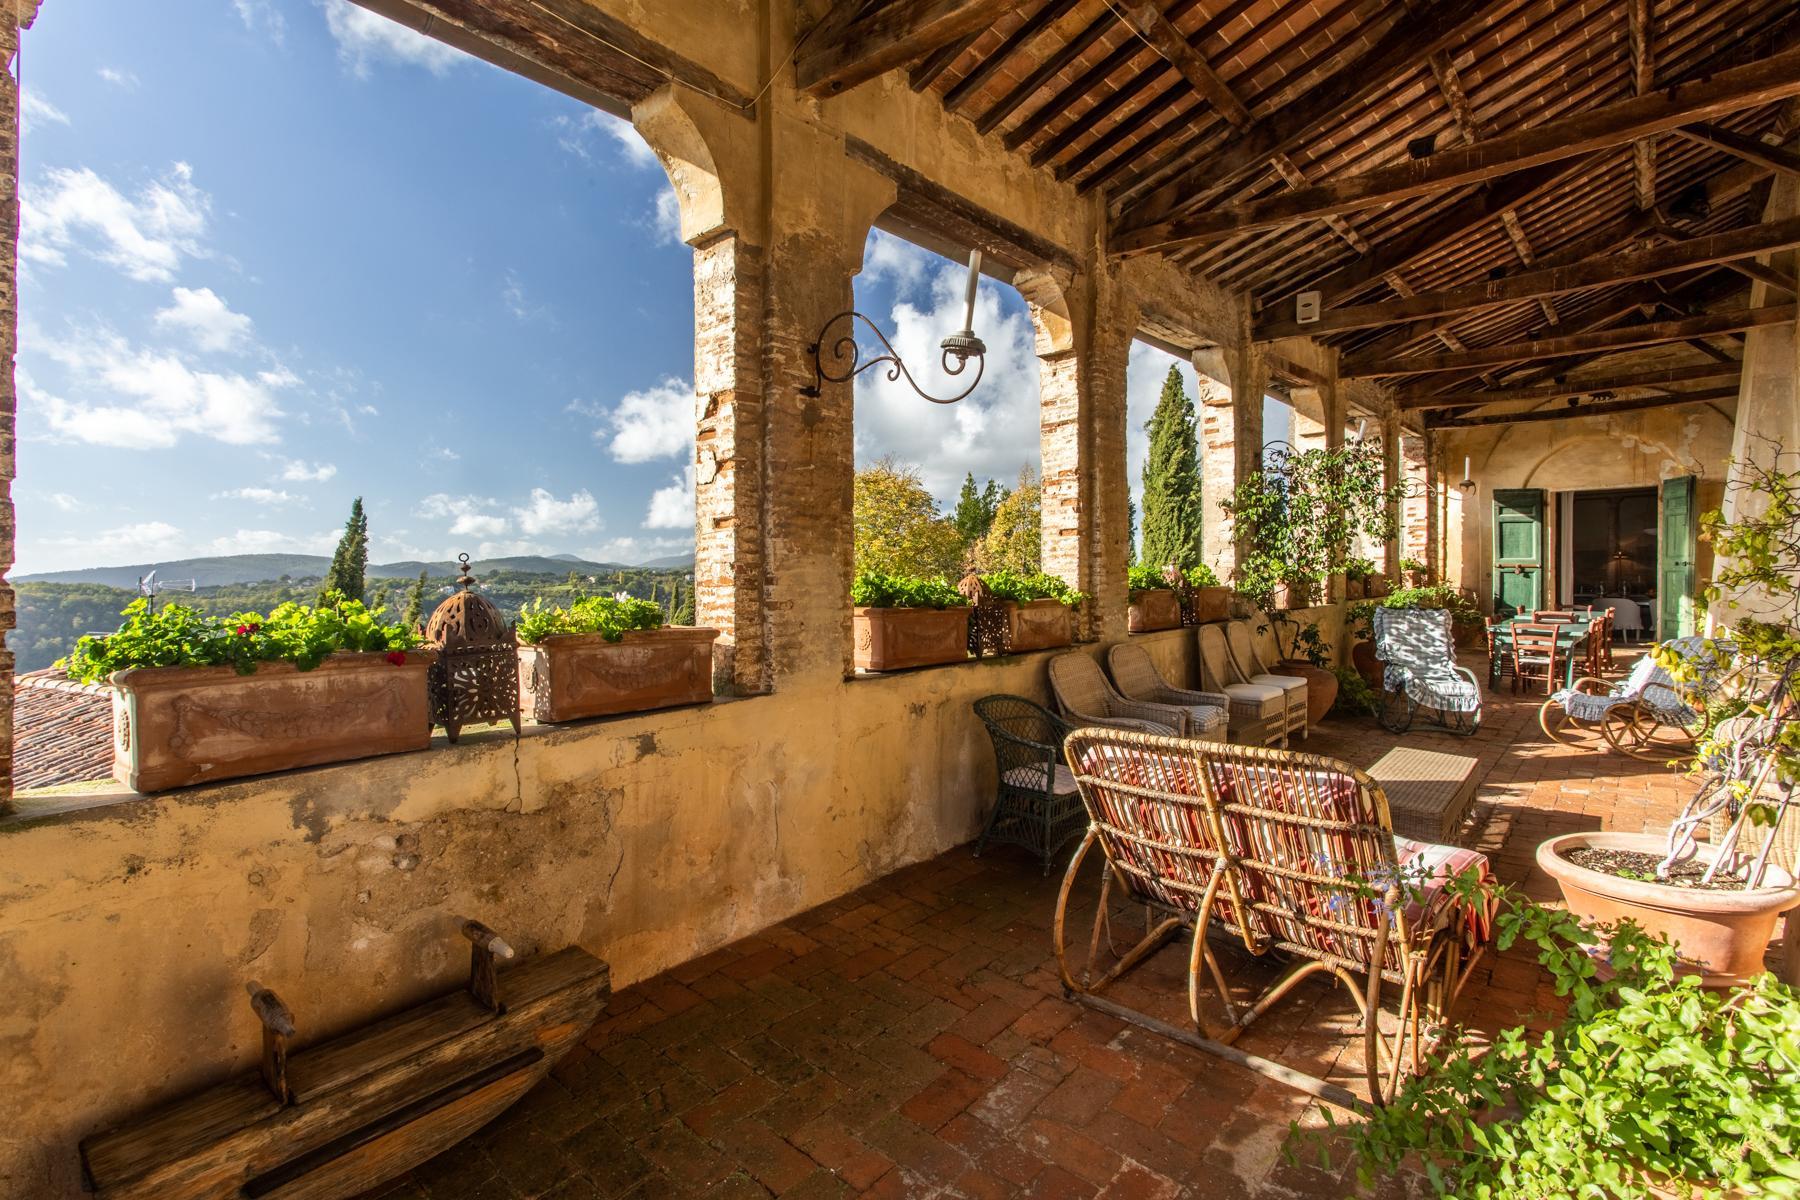 Величественный дворец на вершине средневековой деревни Оливето. - 6